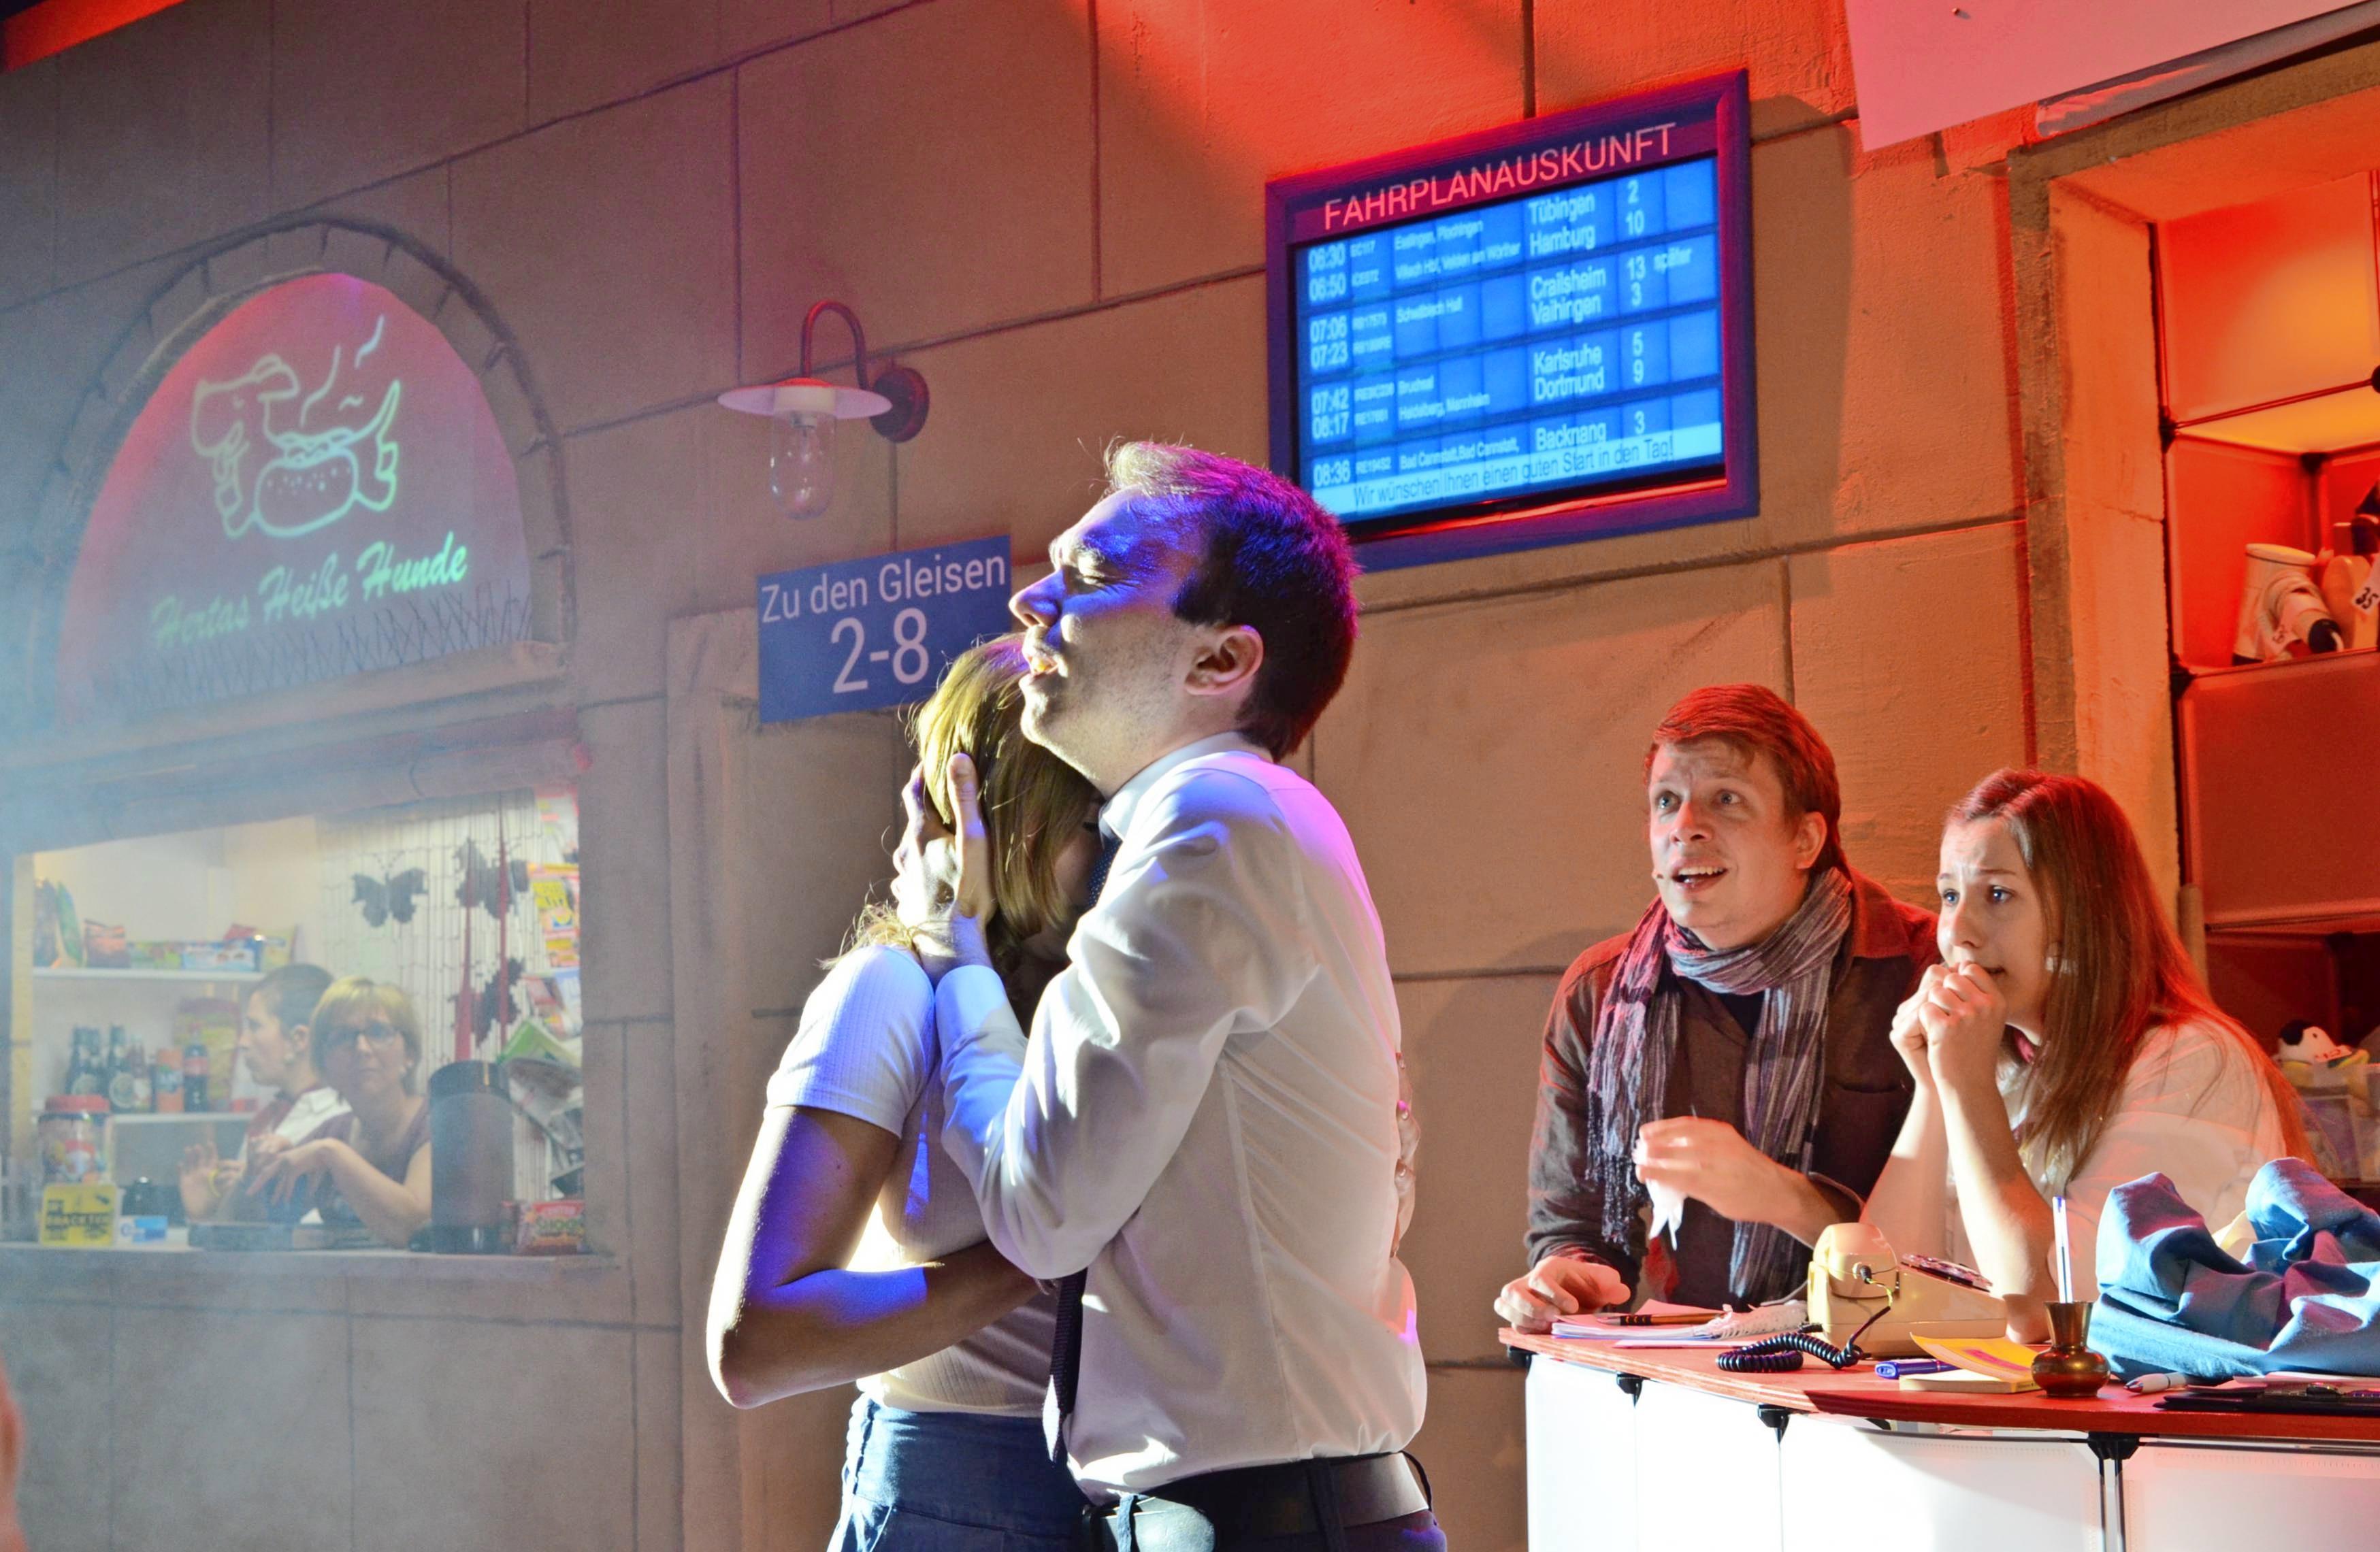 """Zum Jubiläums-Programm, das die Kreatief-Mitglieder anlässlich des zehnjährigen Vereinsbestehens in der Neckarsulmer Marktstraße aufführen, gehört auch das aktuelle Musical """"Romeo im Fundbüro"""". Foto: Archiv/Pfäffle"""